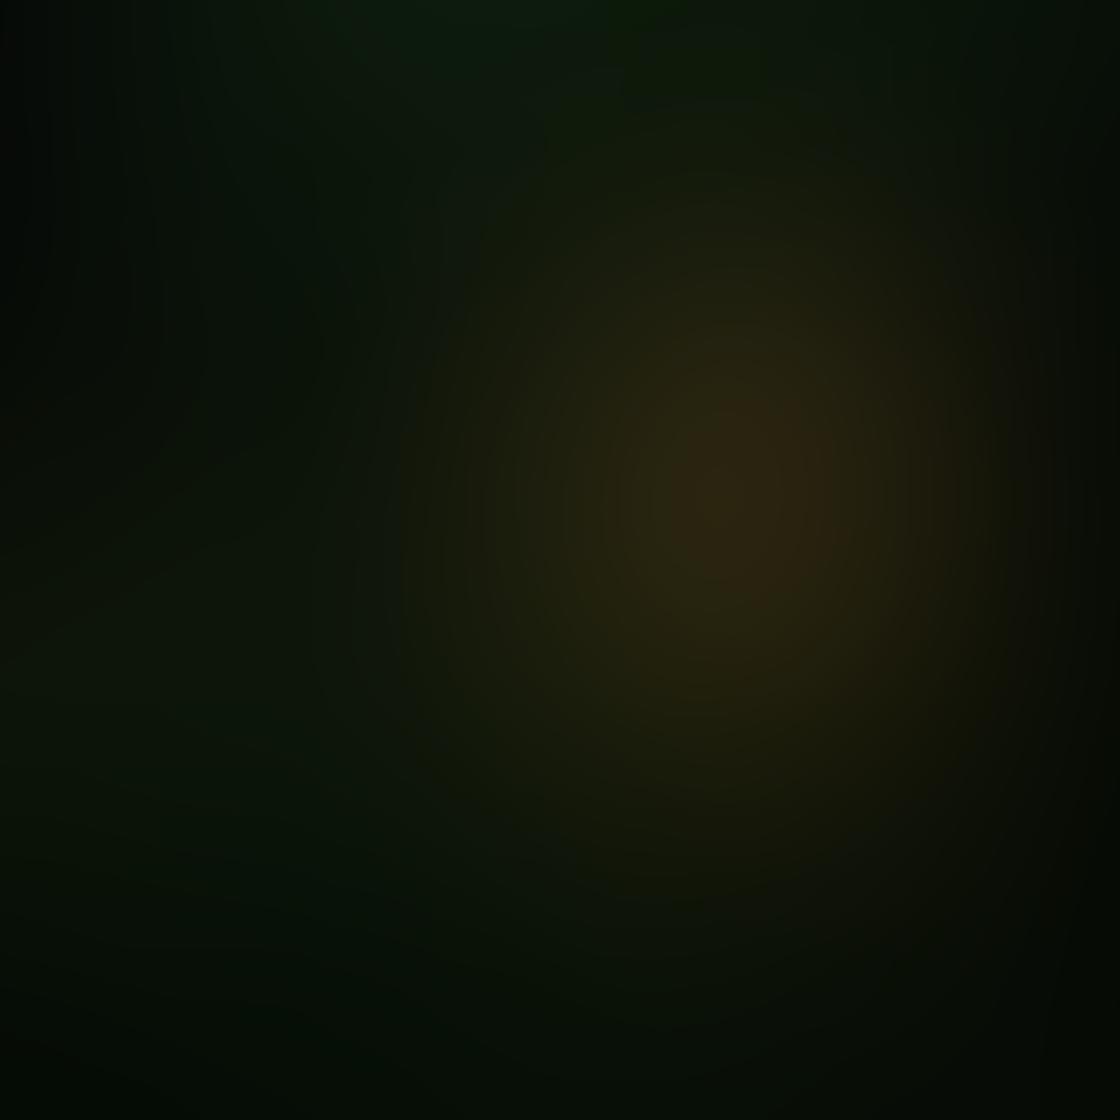 iPhone Photos Low Light 7